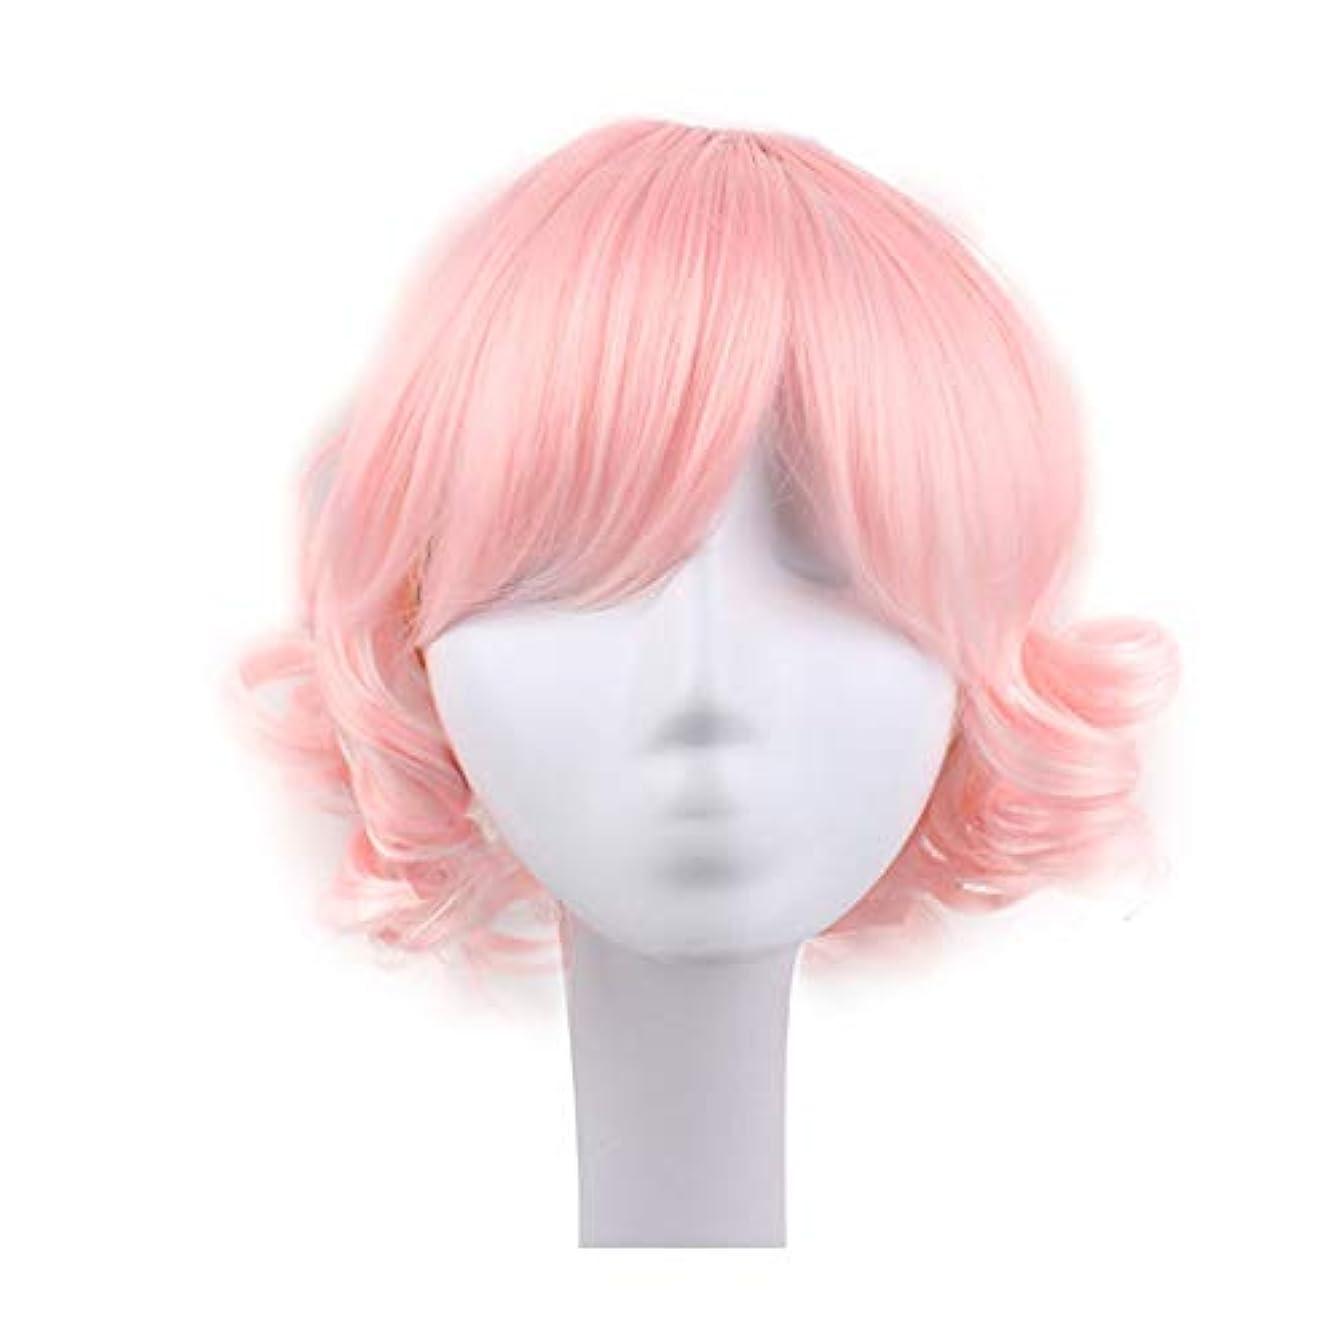 信号心理学有毒ブロンドのかつら女性のための短い巻き毛のかつら髪のかつらリアルウィッグとして自然な日々のパーティーコスプレ衣装かつらかつらキャップ付きかつら